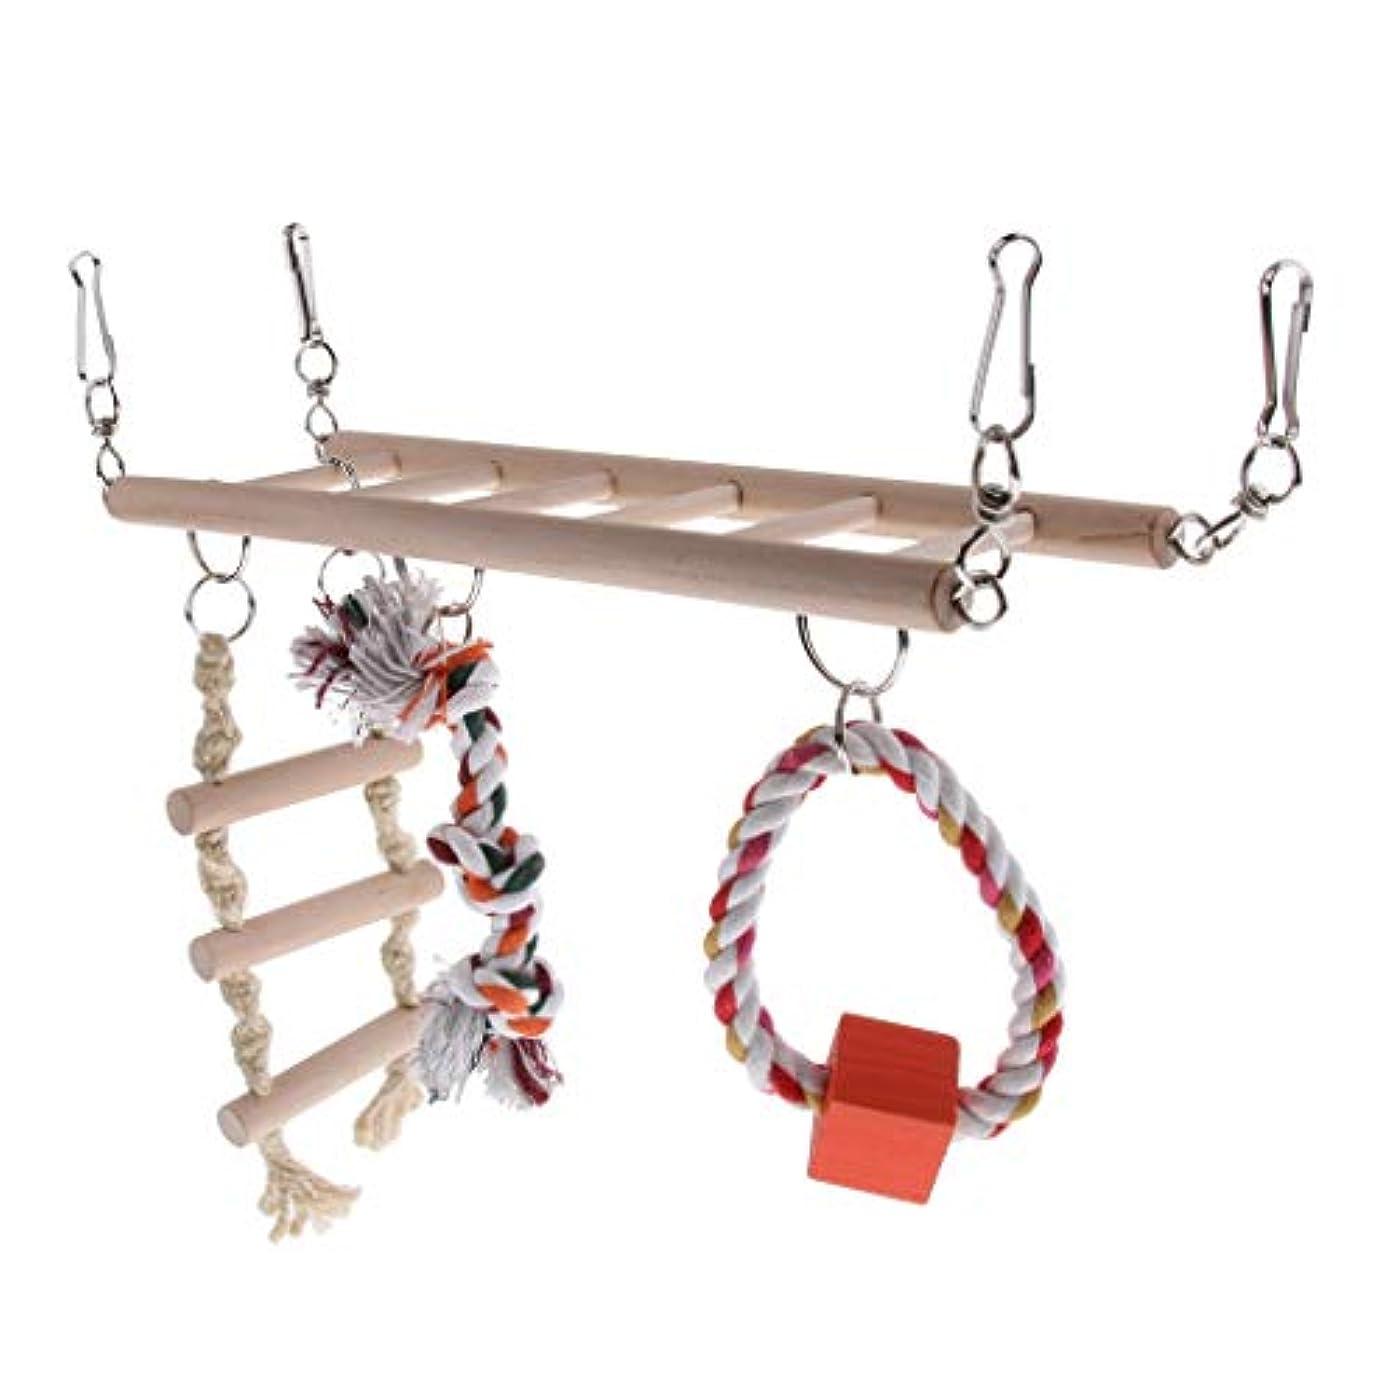 絶対に学部歯車ペット用品 面白い 鳥 おもちゃ 登る はしご おもちゃ オウムラダー玩具